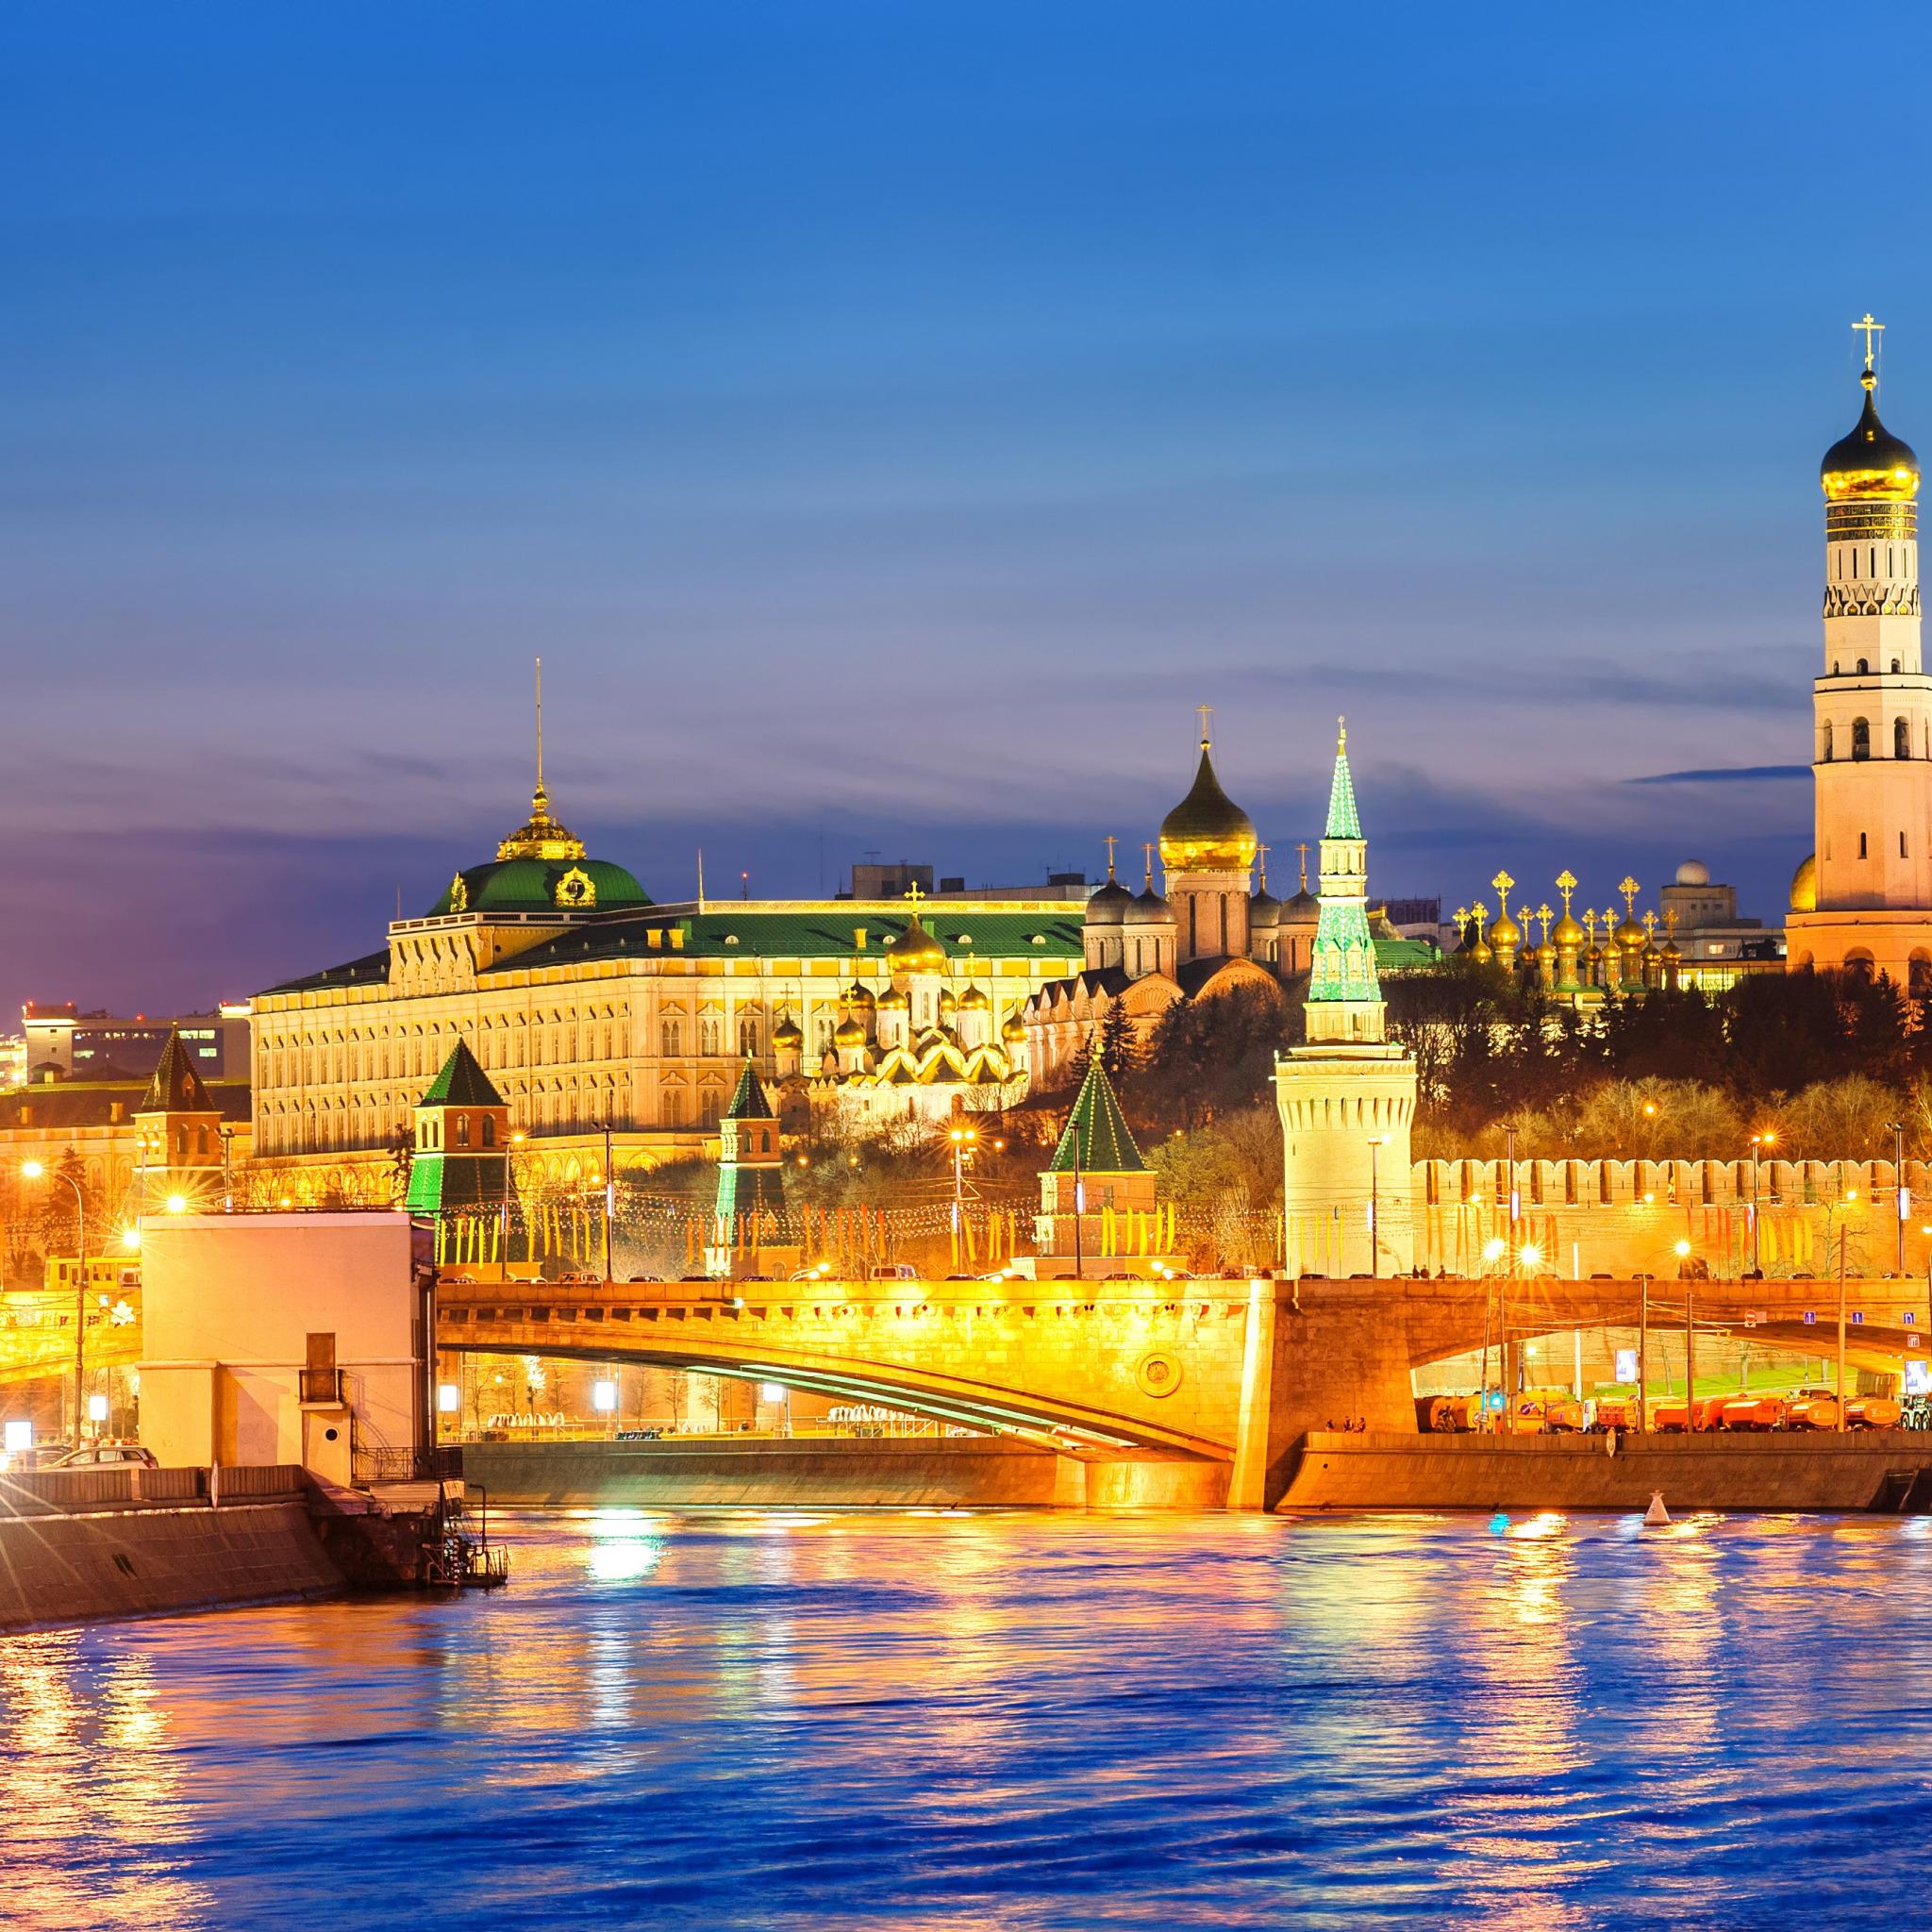 красивые картинки города россии храме